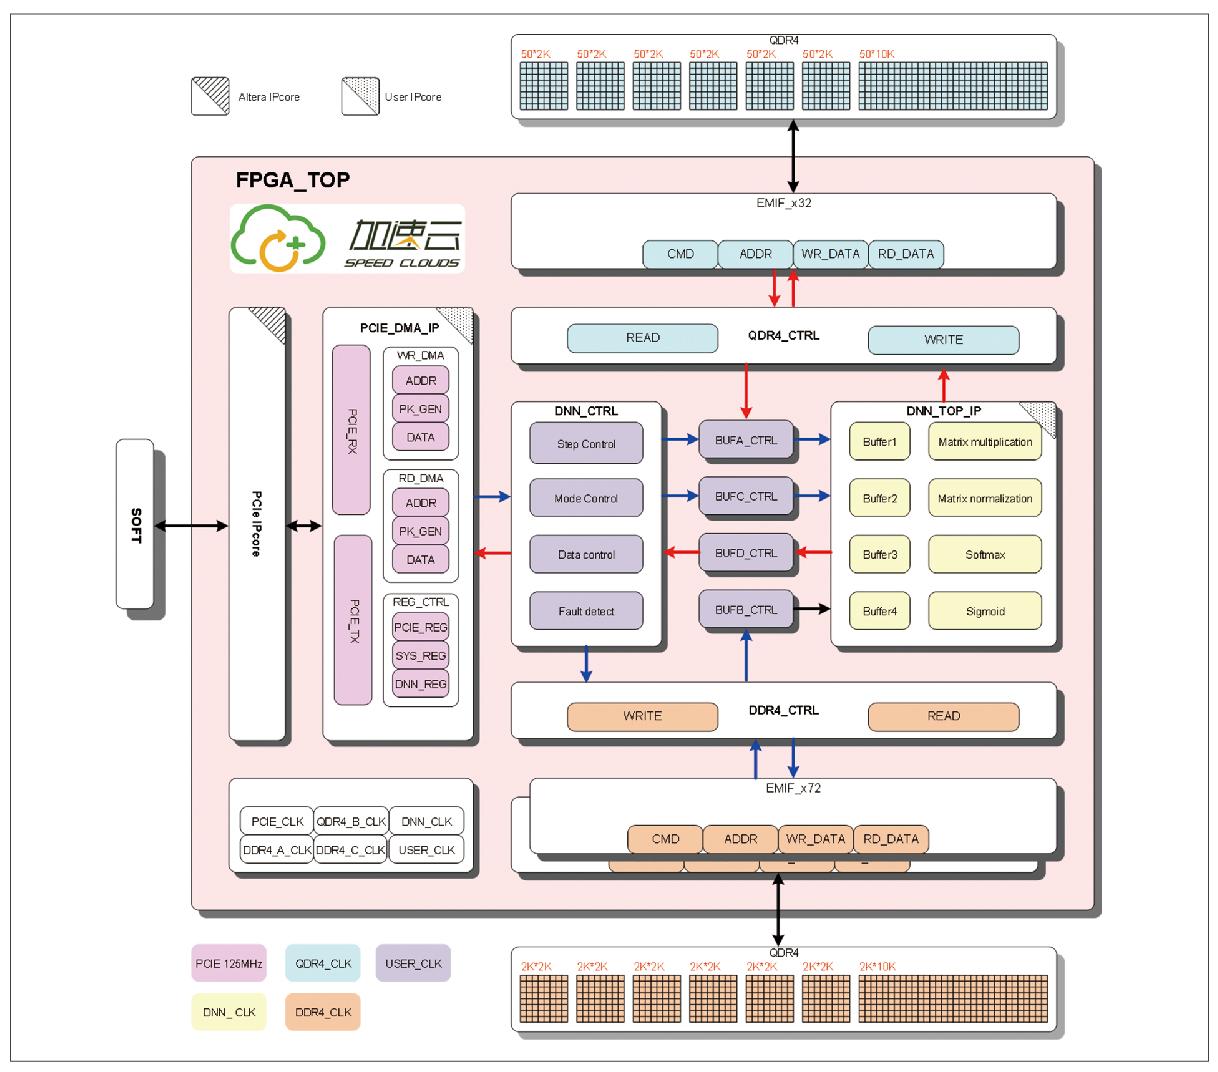 基于FPGA的语音识别解决方案